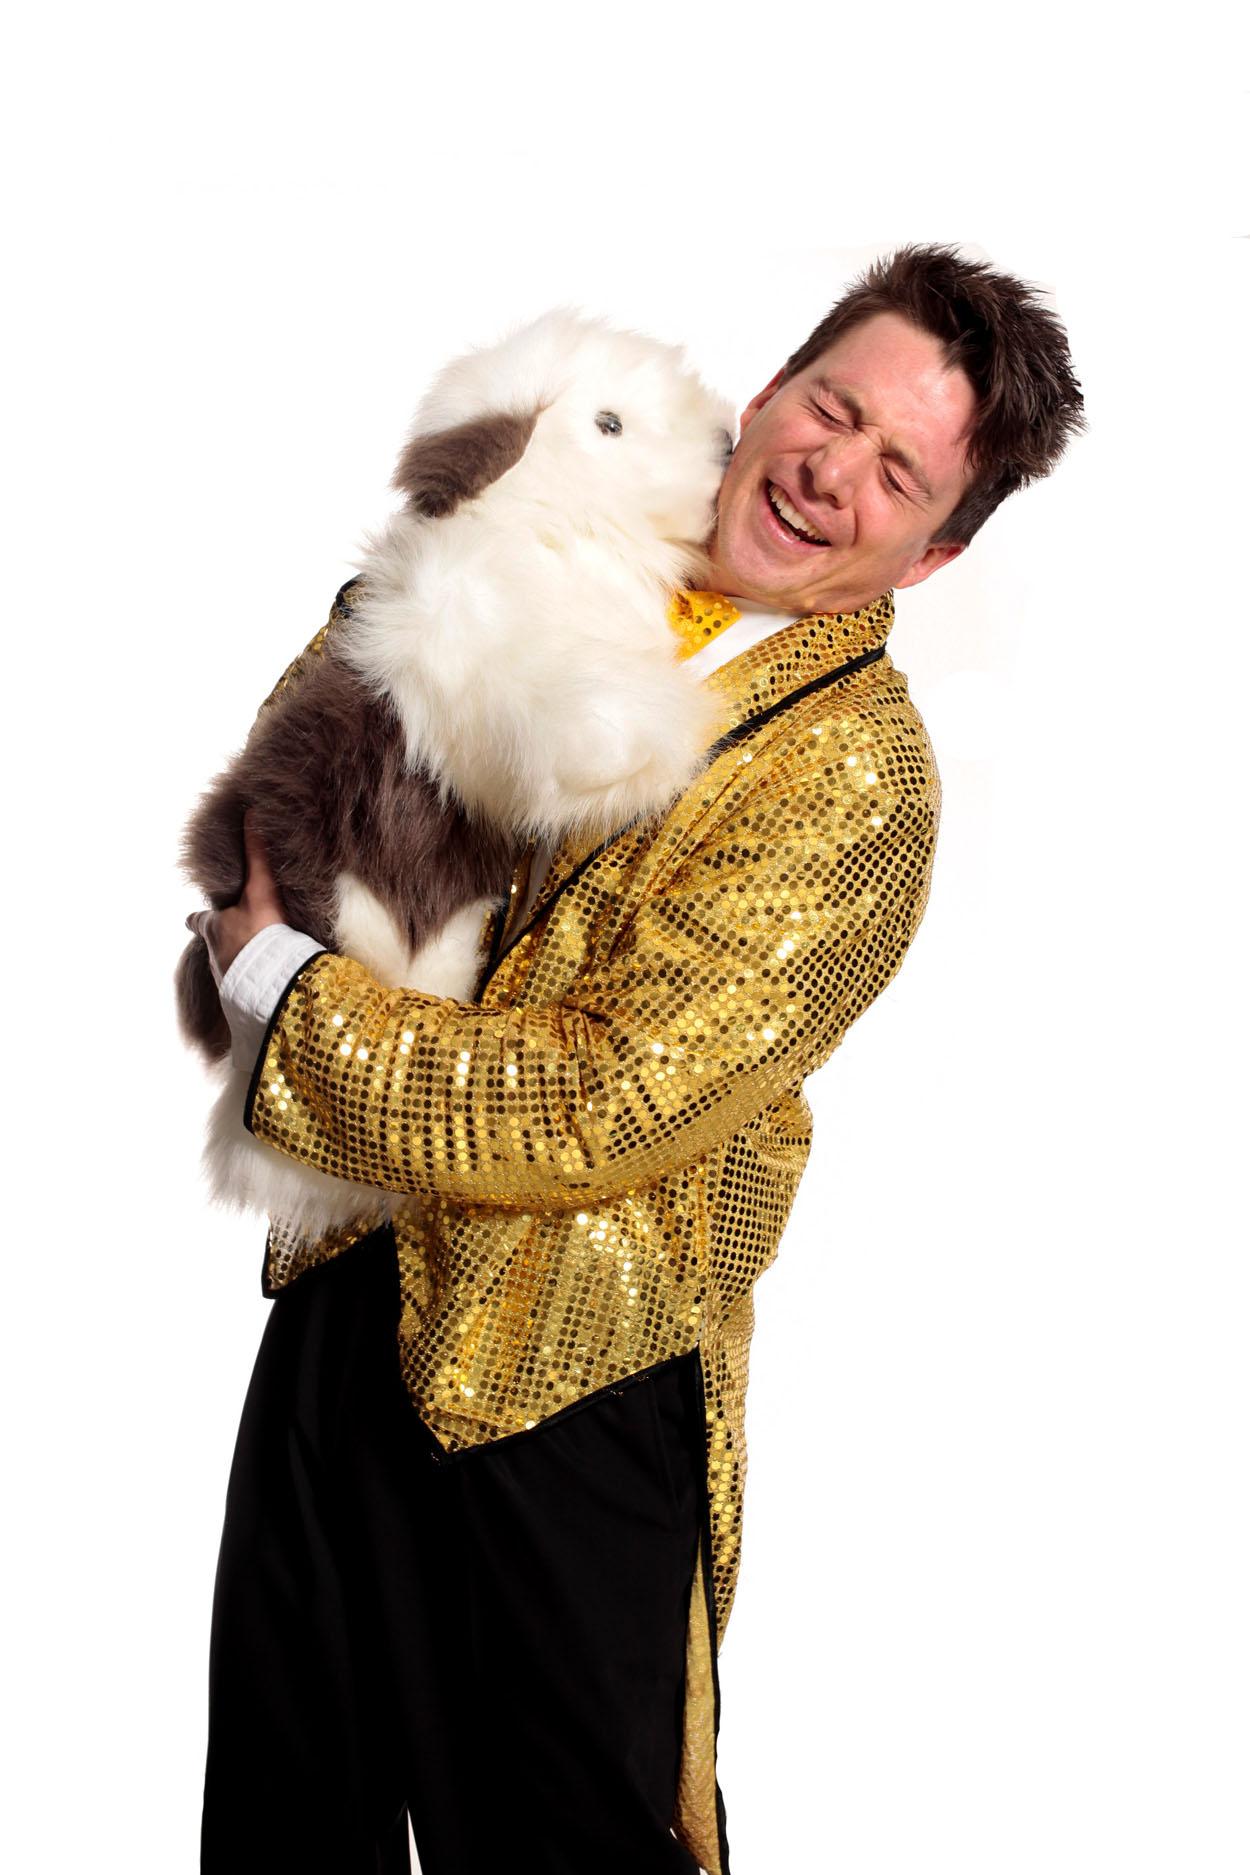 Der lustige Hund von Zauberer Magic Martin